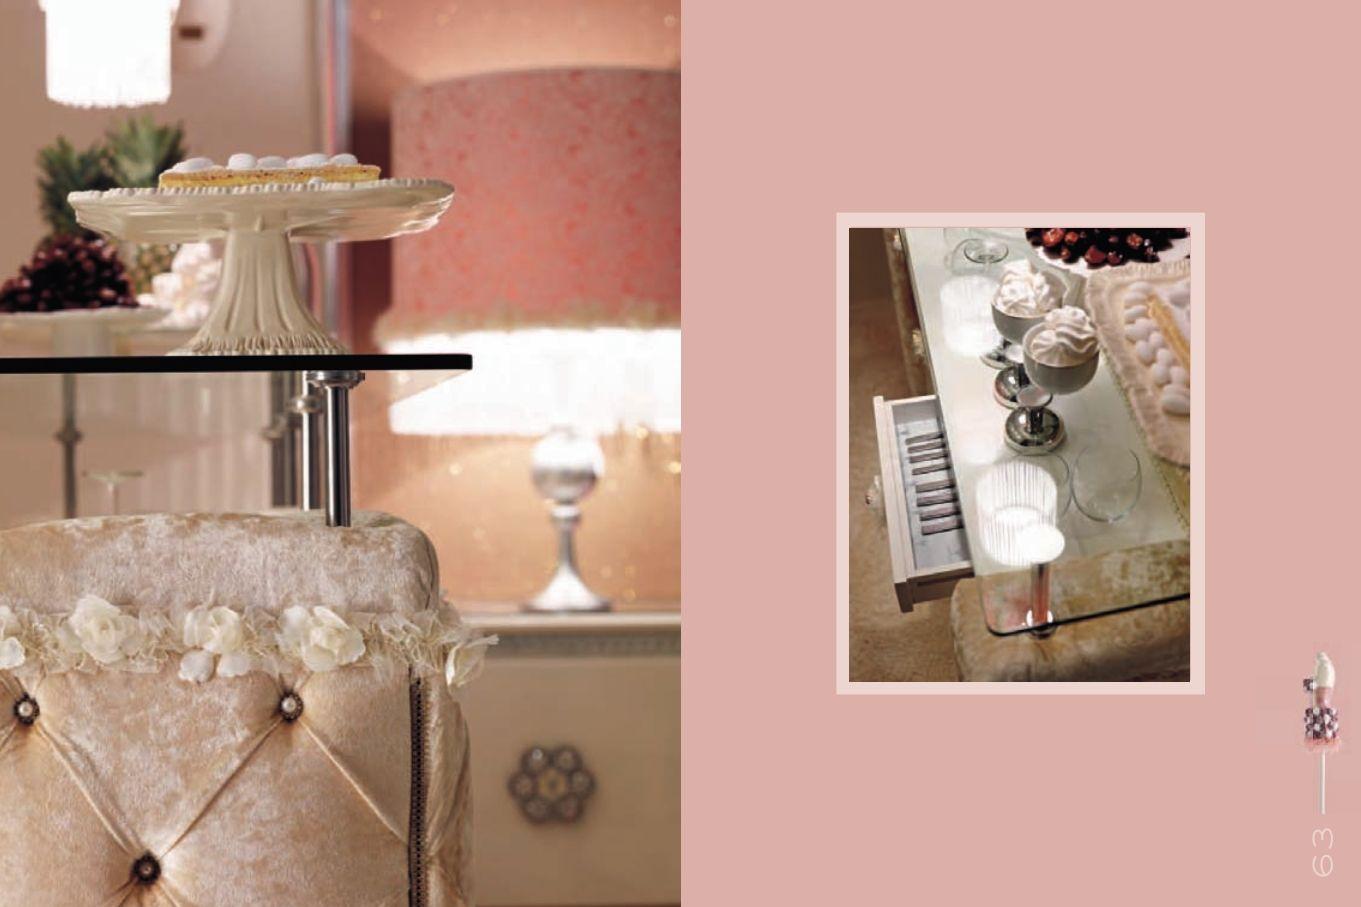 luxus m bel luxuri se sofas alta moda schicke seriedie m bel aus italien. Black Bedroom Furniture Sets. Home Design Ideas